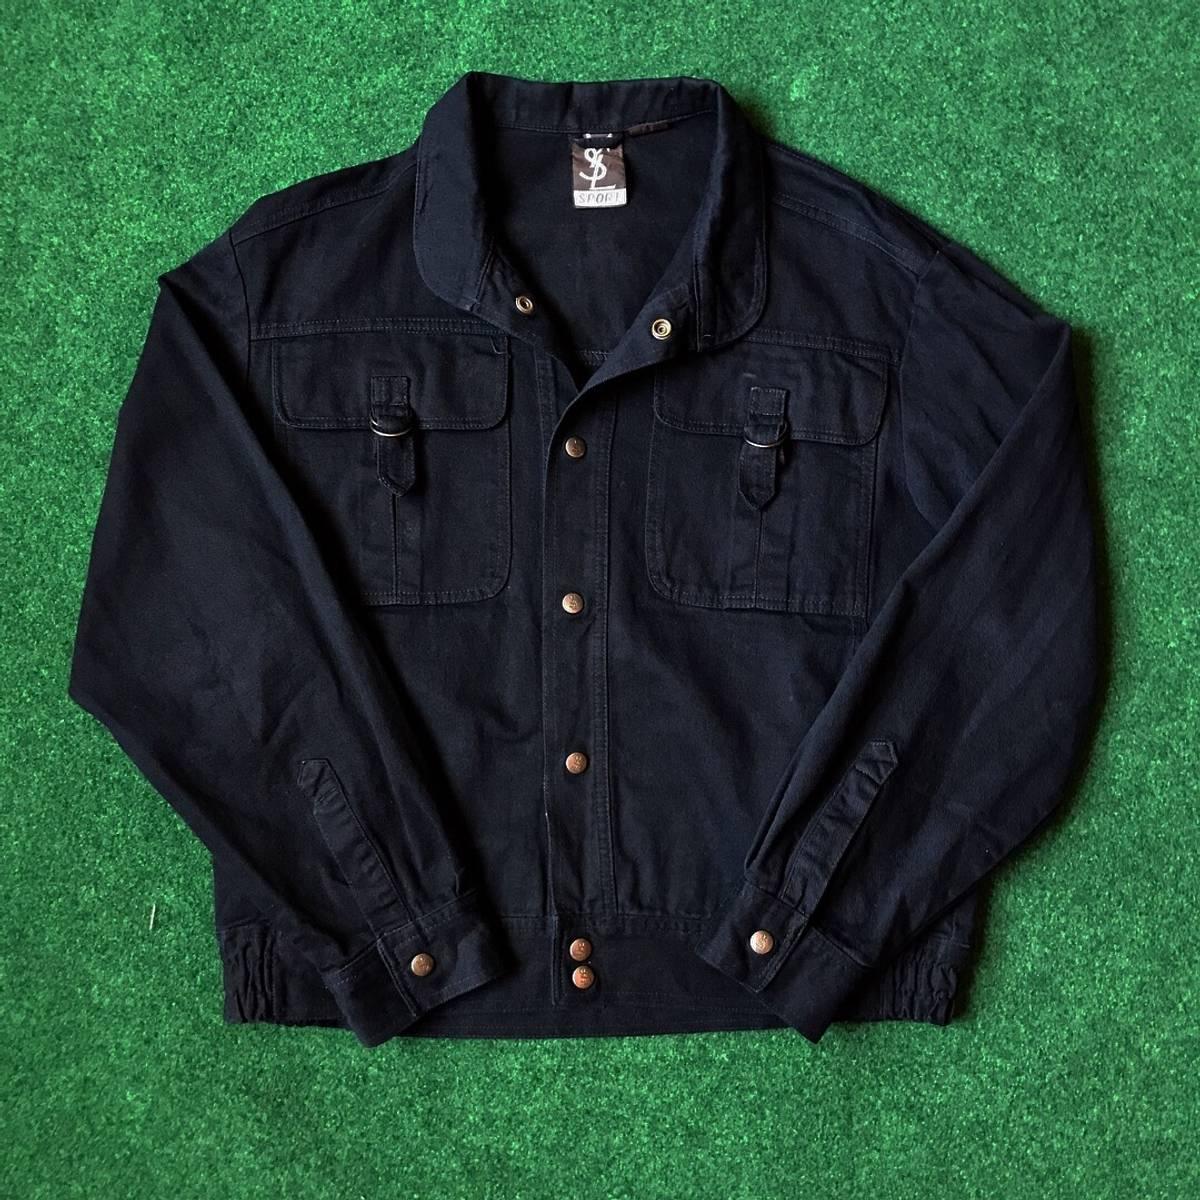 21f345fe0b Saint Laurent Paris × Yves Saint Laurent Vintage 80s Ysl Sport Yves Saint  Laurent Black Denim Jacket Size M $130